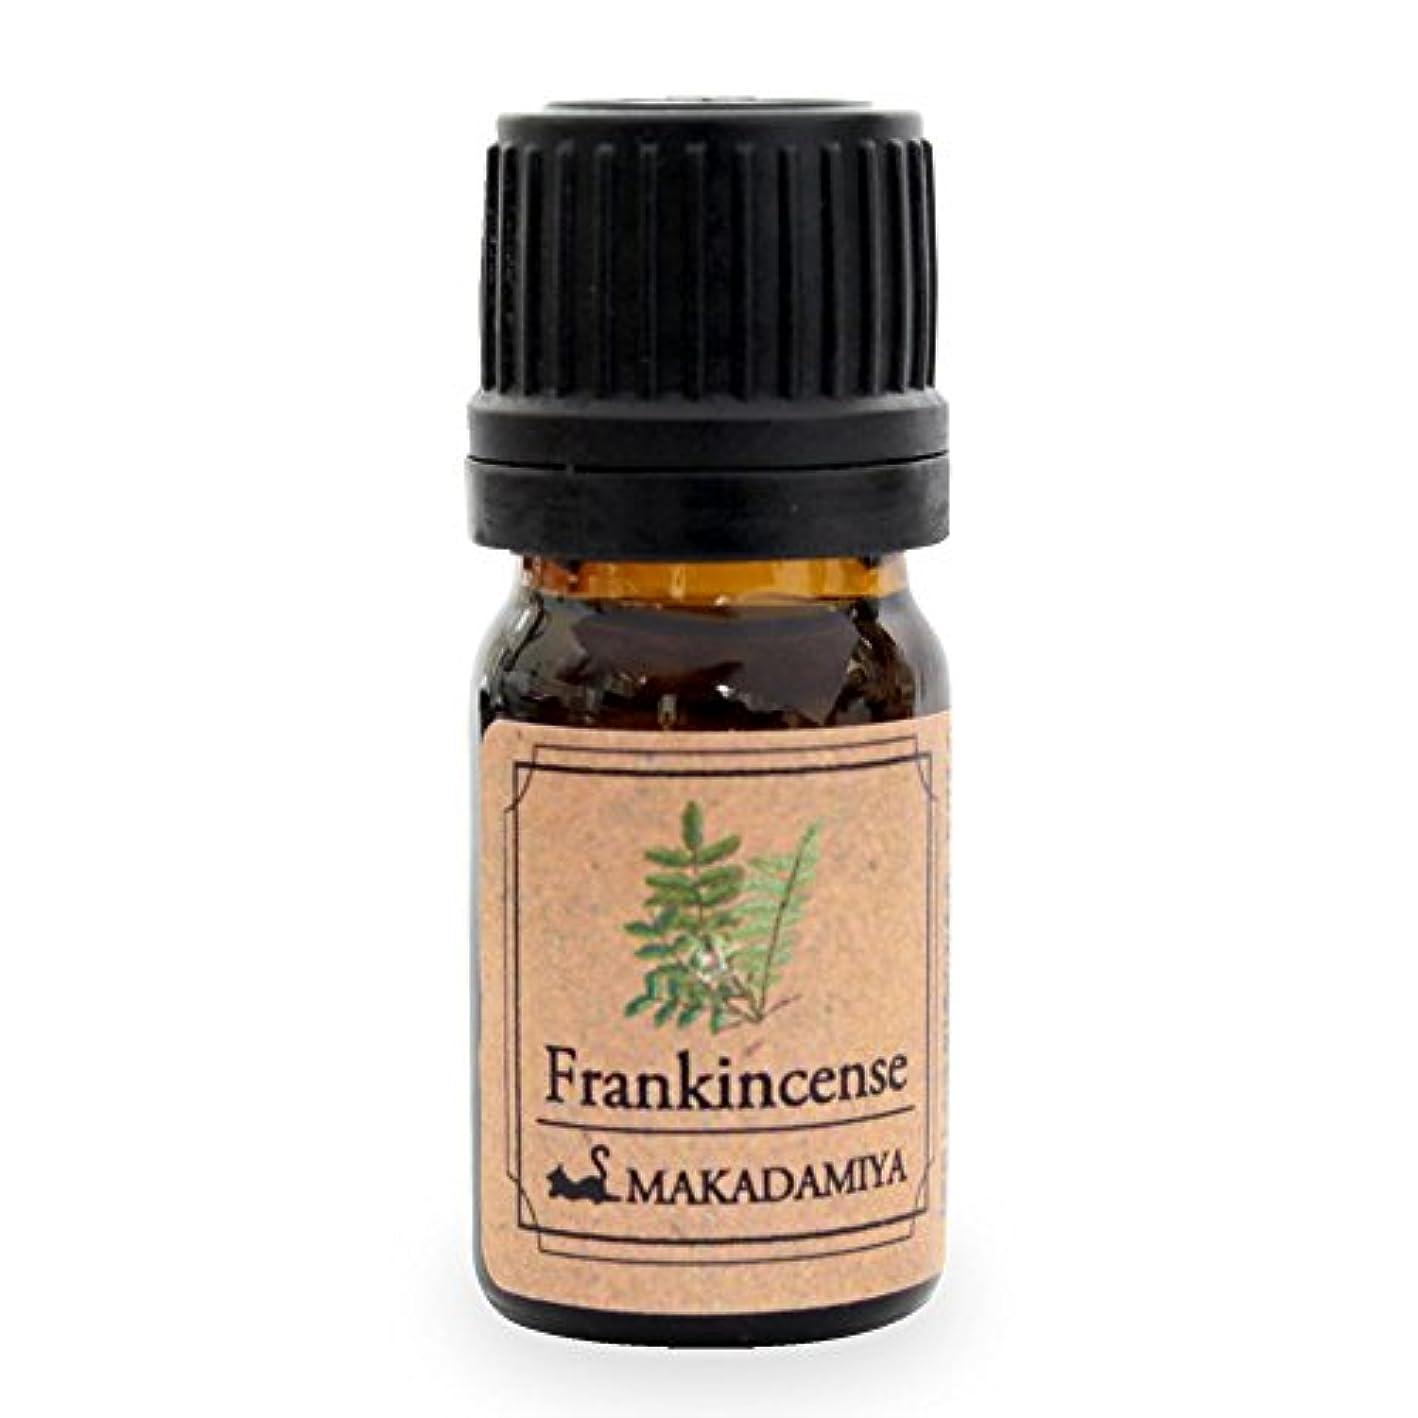 ブーム素子そこフランキンセンス5ml 天然100%植物性 エッセンシャルオイル(精油) アロマオイル アロママッサージ aroma Frankincense